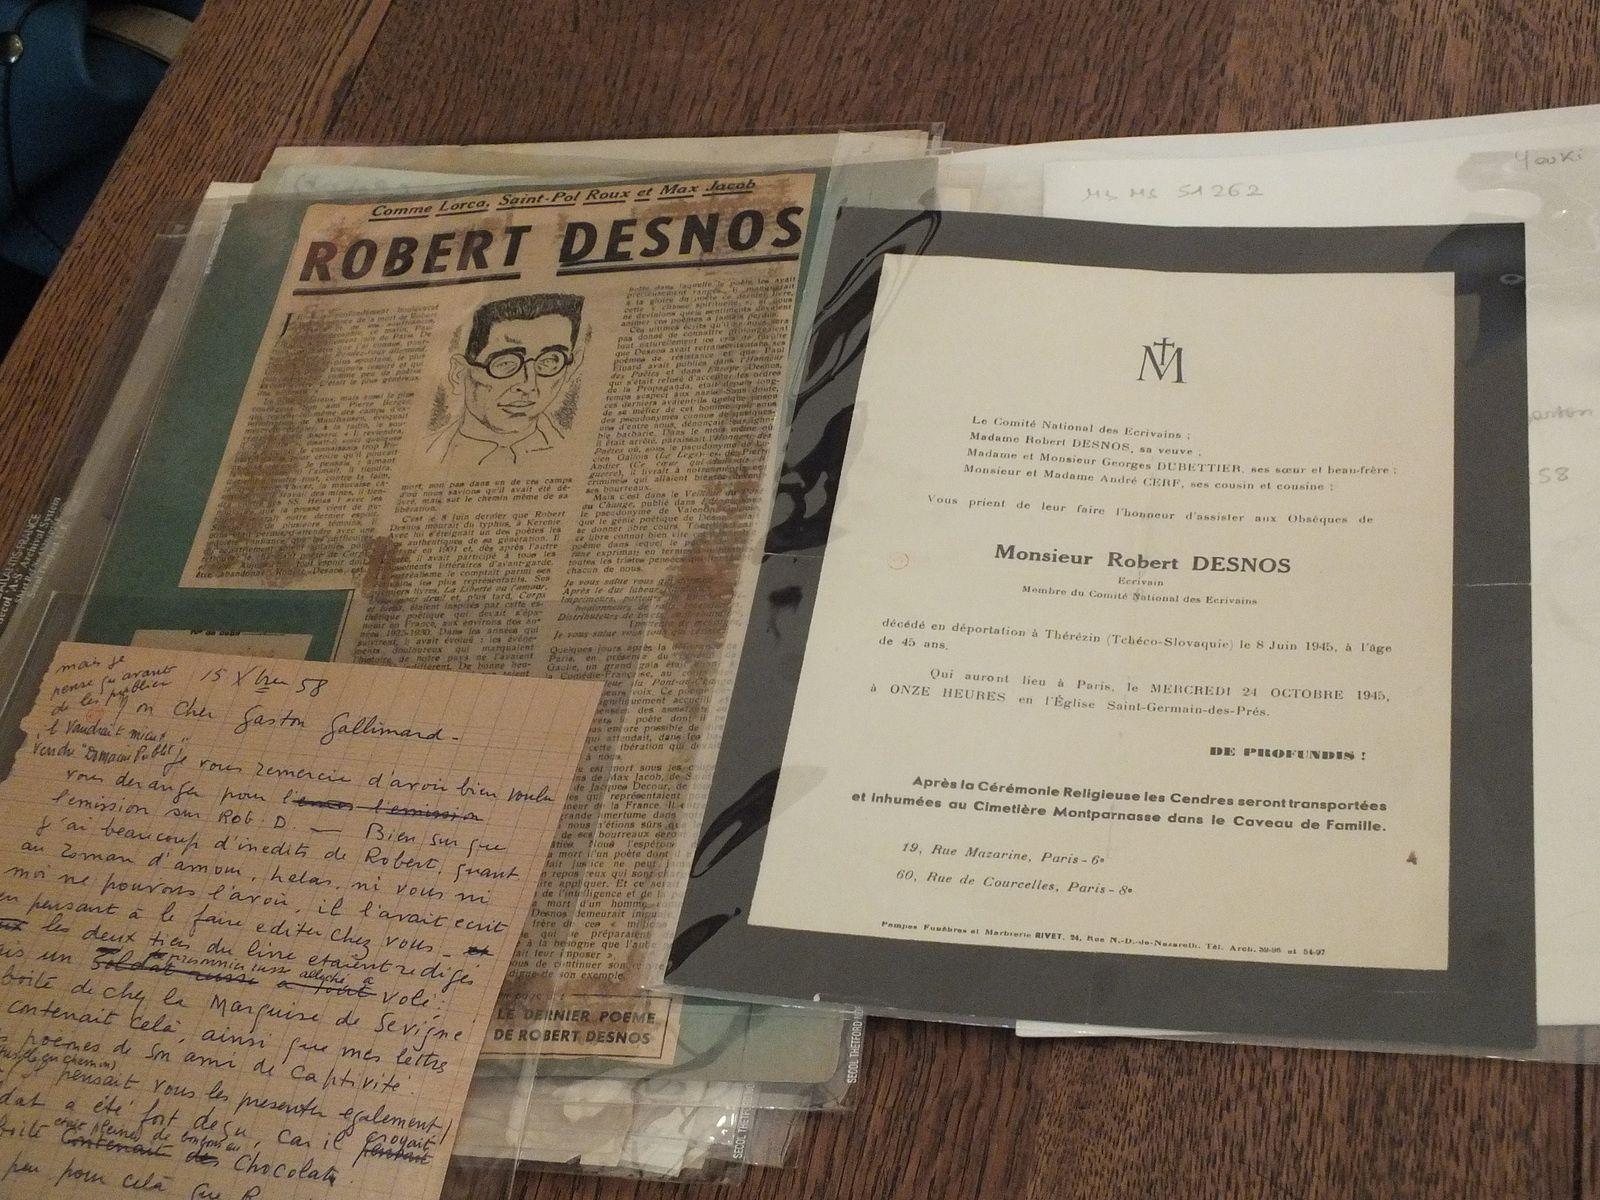 sur la mort de Robert Desnos : article de presse, lettre de Youki à Gaston Gallimard, faire-part des obsèques de Desnos.